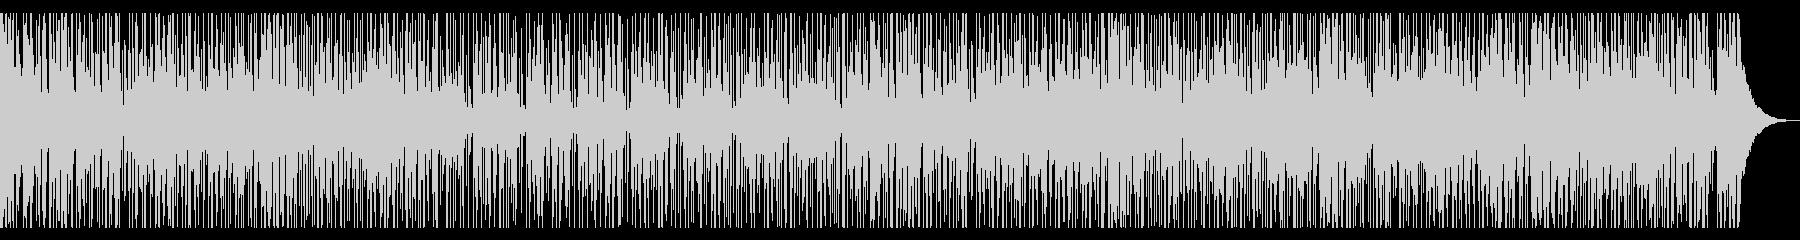 生音・インド・中央アジア風民族音楽の未再生の波形